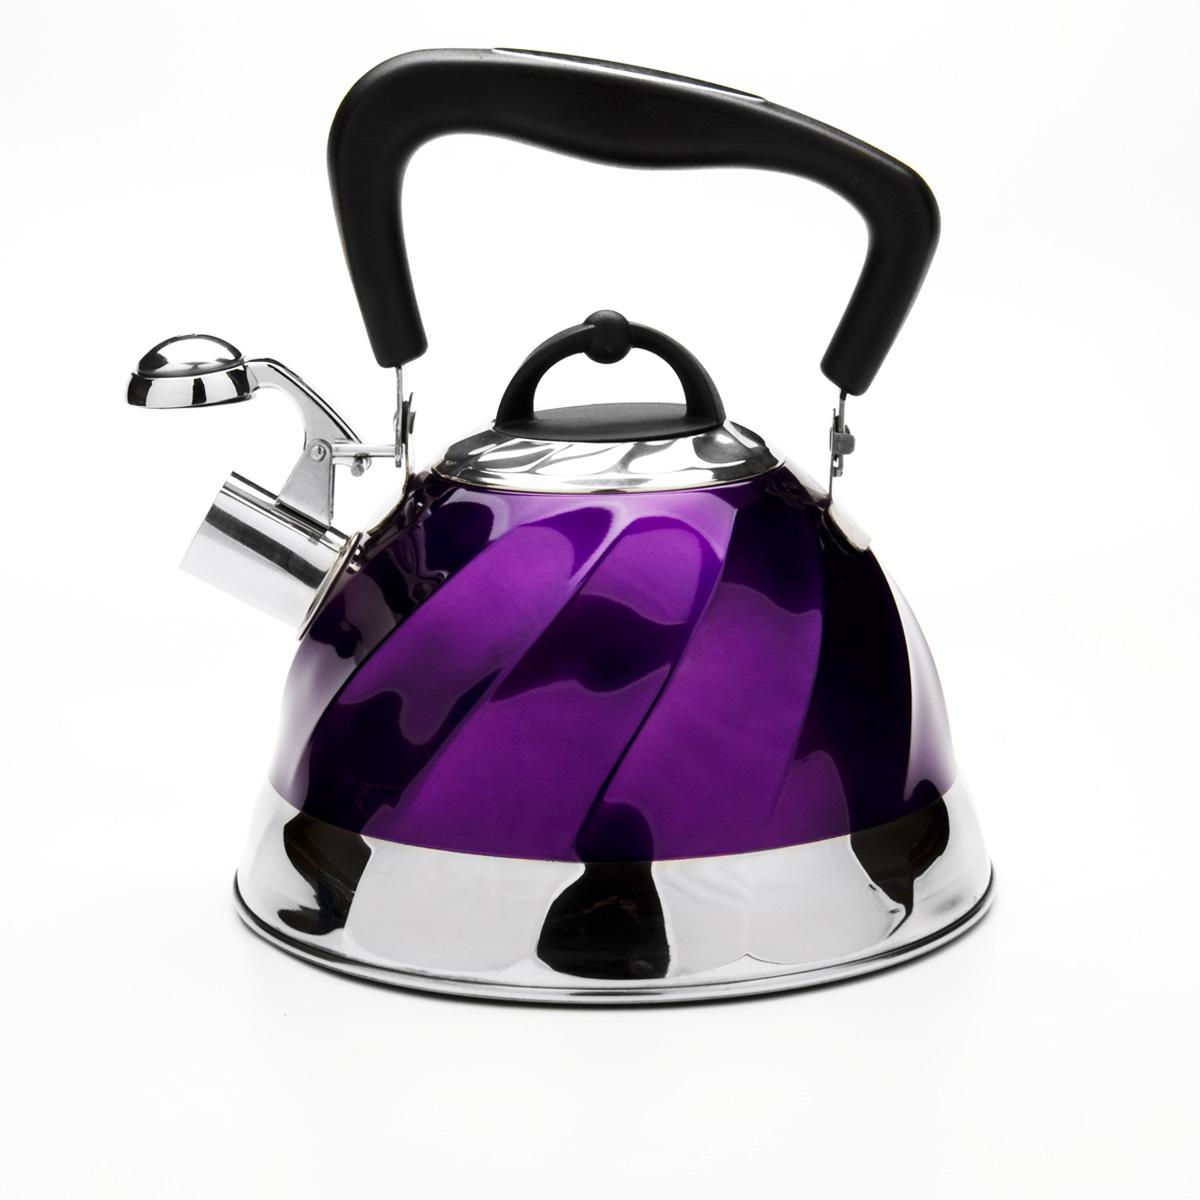 Чайник Mayer & Boch со свистком, цвет: фиолетовый, 3 л. 2378523785Чайник Mayer & Boch выполнен из высококачественной нержавеющей стали, что обеспечивает долговечность использования. Внешнее цветное эмалевое покрытие придает приятный внешний вид. Подвижная ручка из бакелита делает использование чайника очень удобным и безопасным. Чайник снабжен свистком и устройством для открывания носика. Можно мыть в посудомоечной машине. Пригоден для всех видов плит, кроме индукционных.